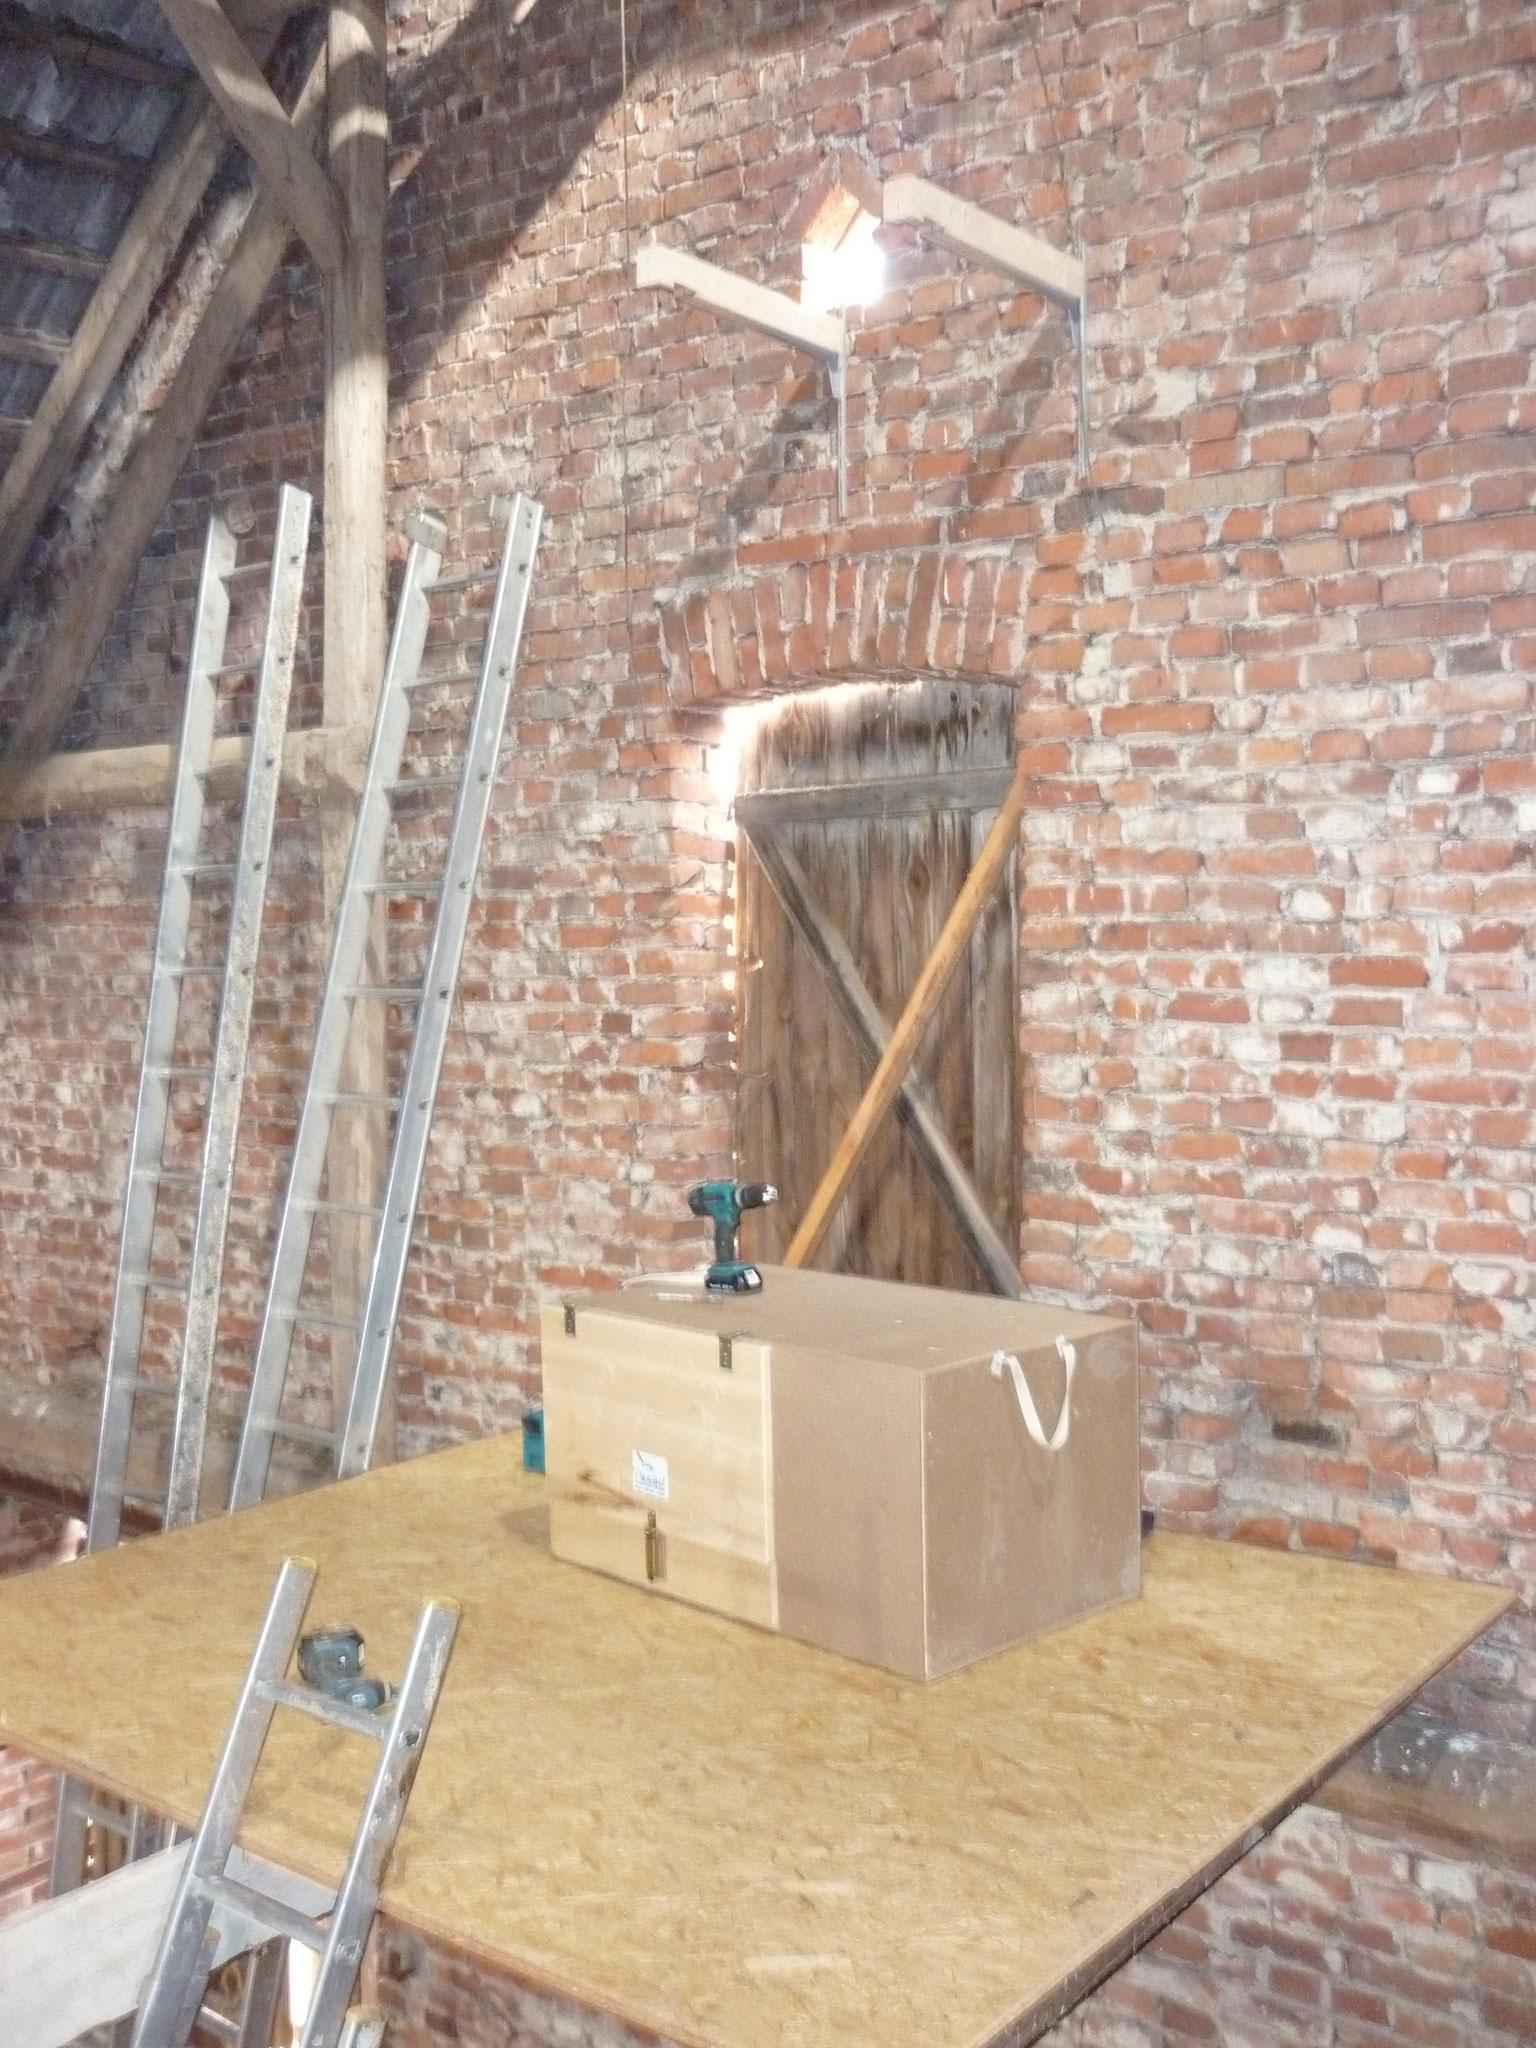 Der neue Schleiereulenkasten kurz vor dem Aufhängen.